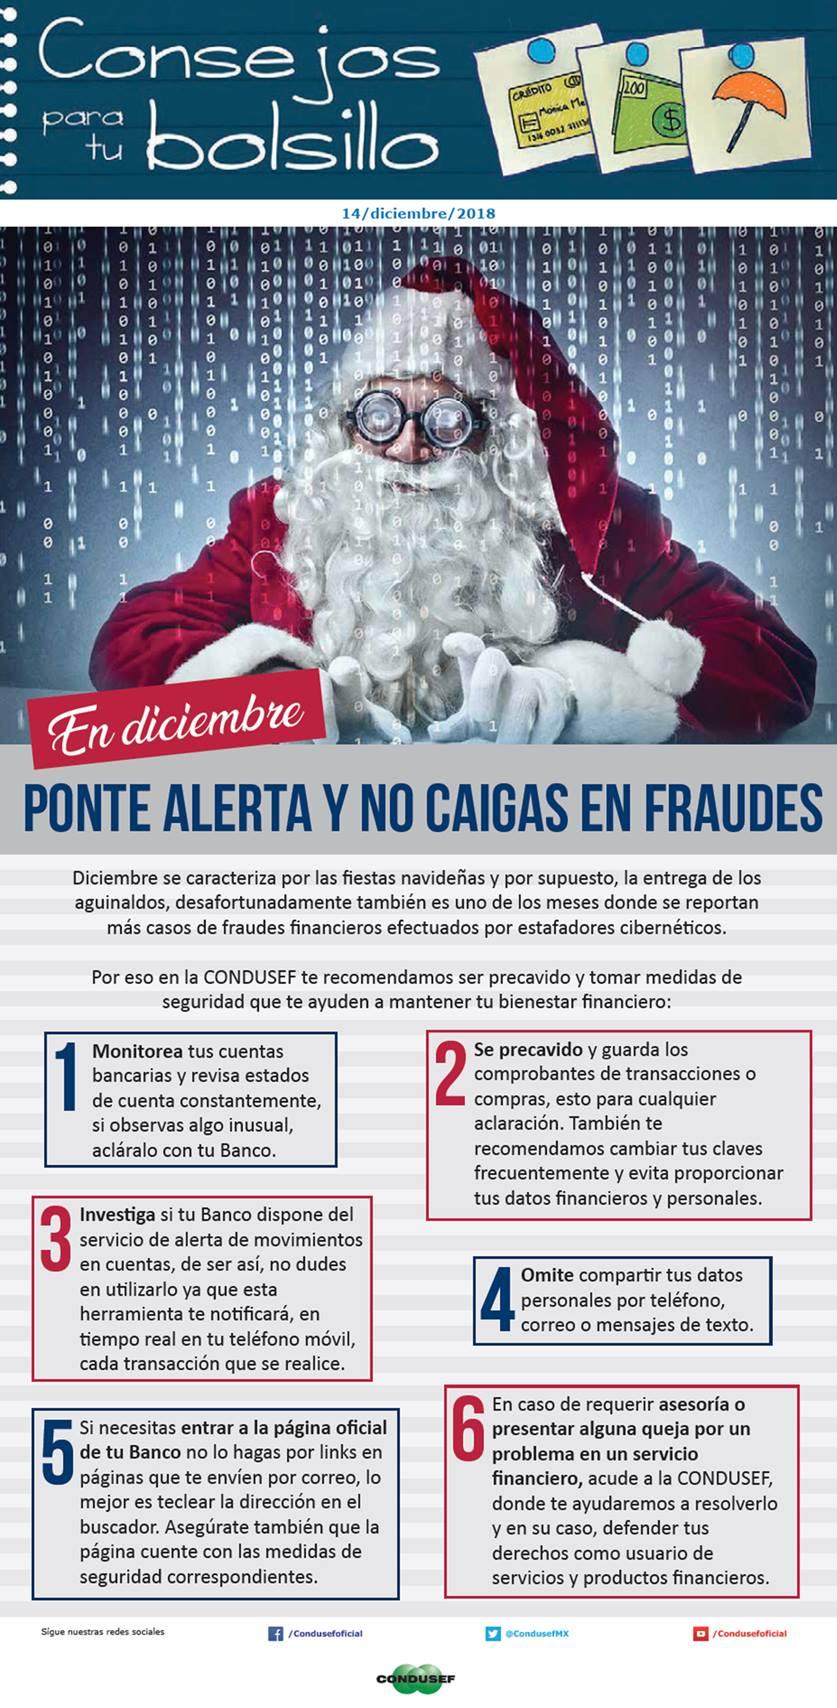 En diciembre ponte alerta y no caigas en fraudes